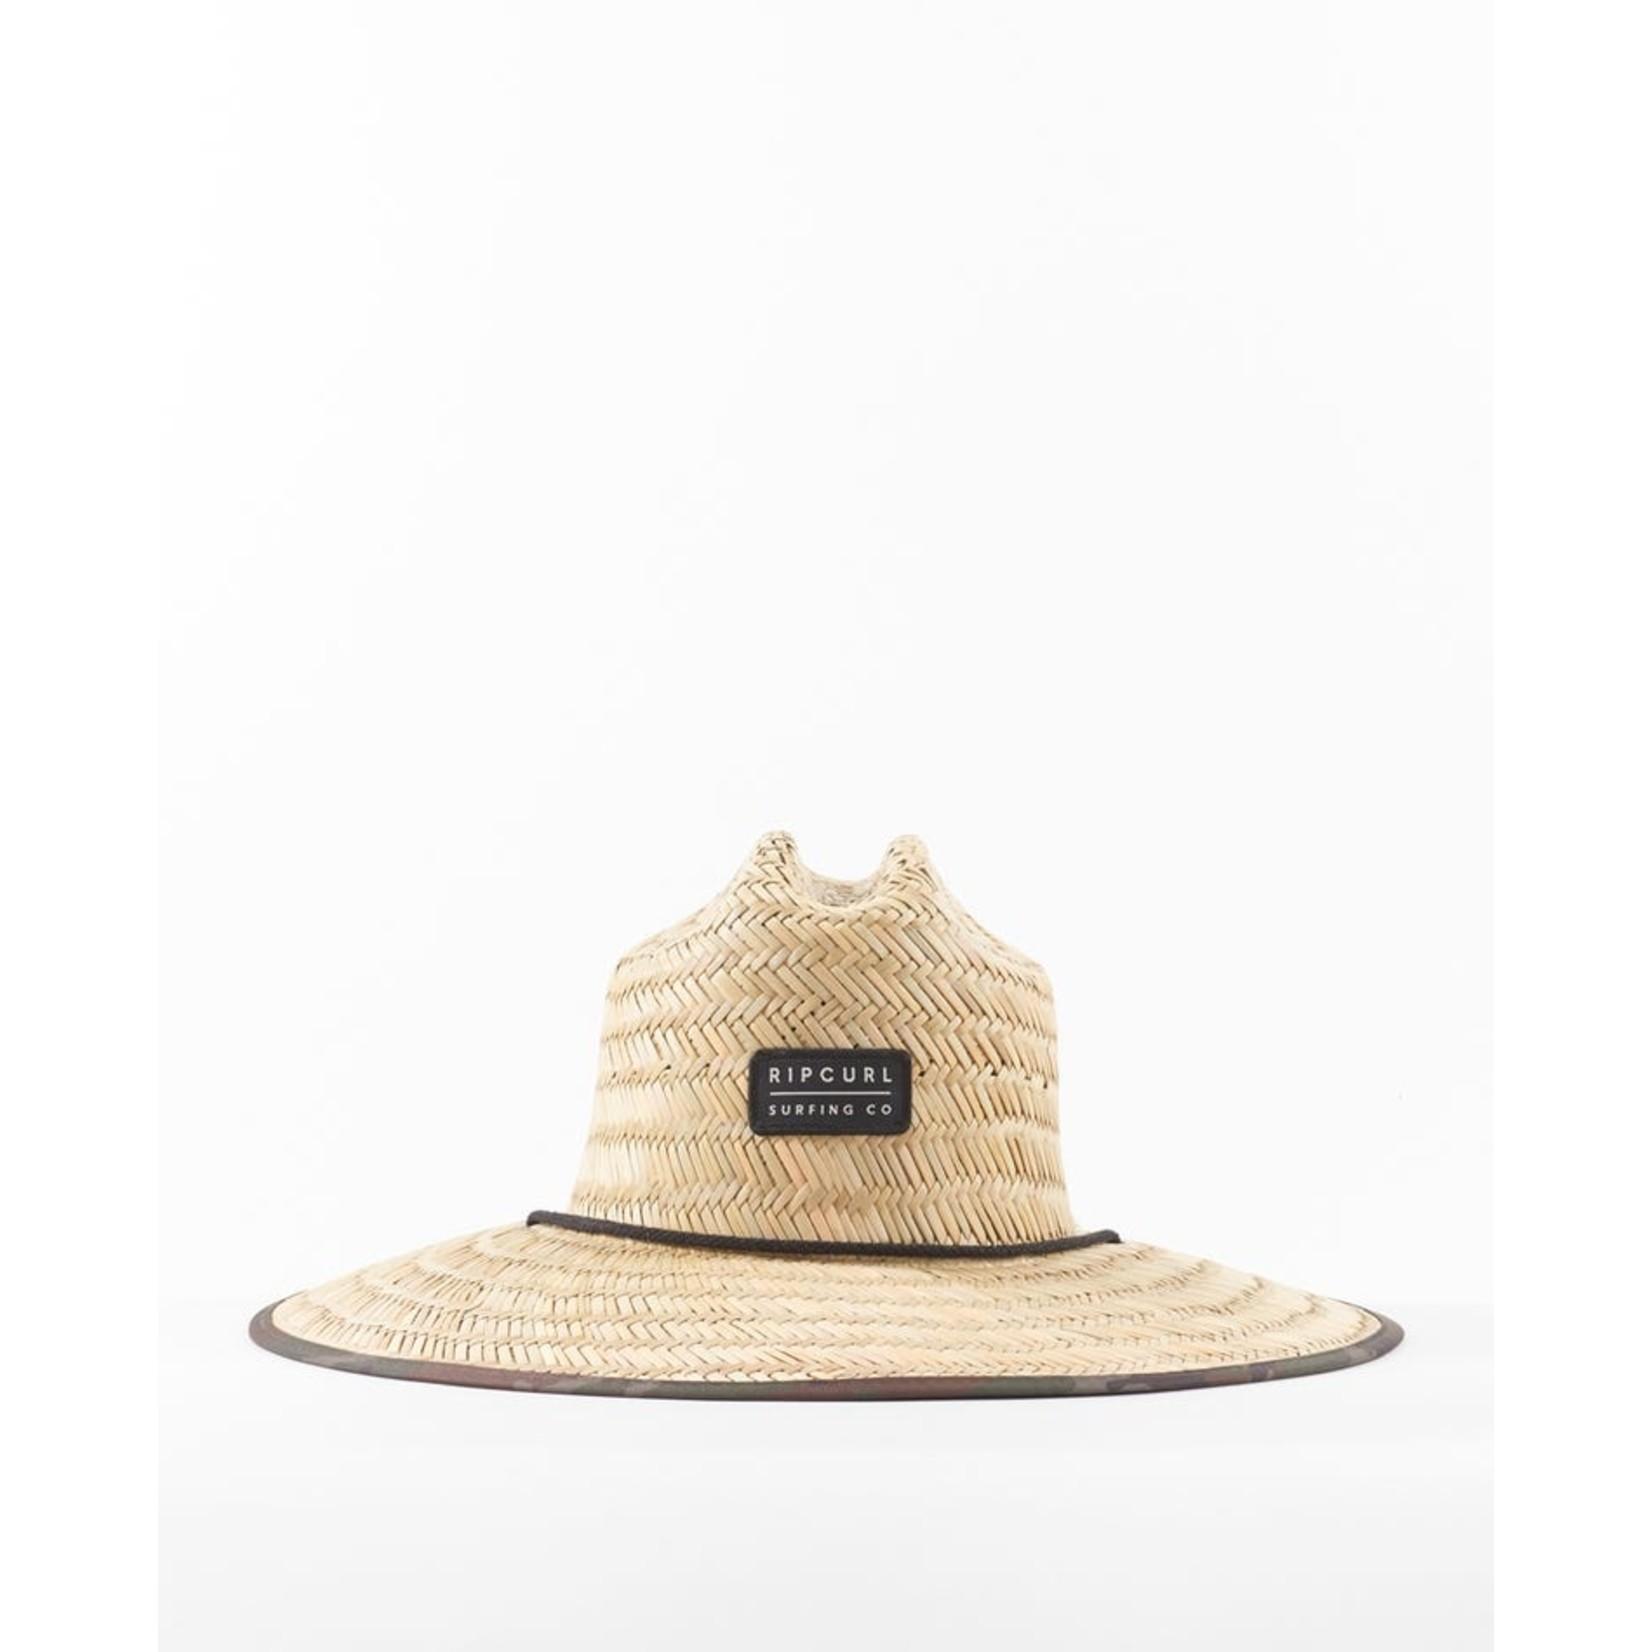 Ripcurl MIX UP STRAW HAT